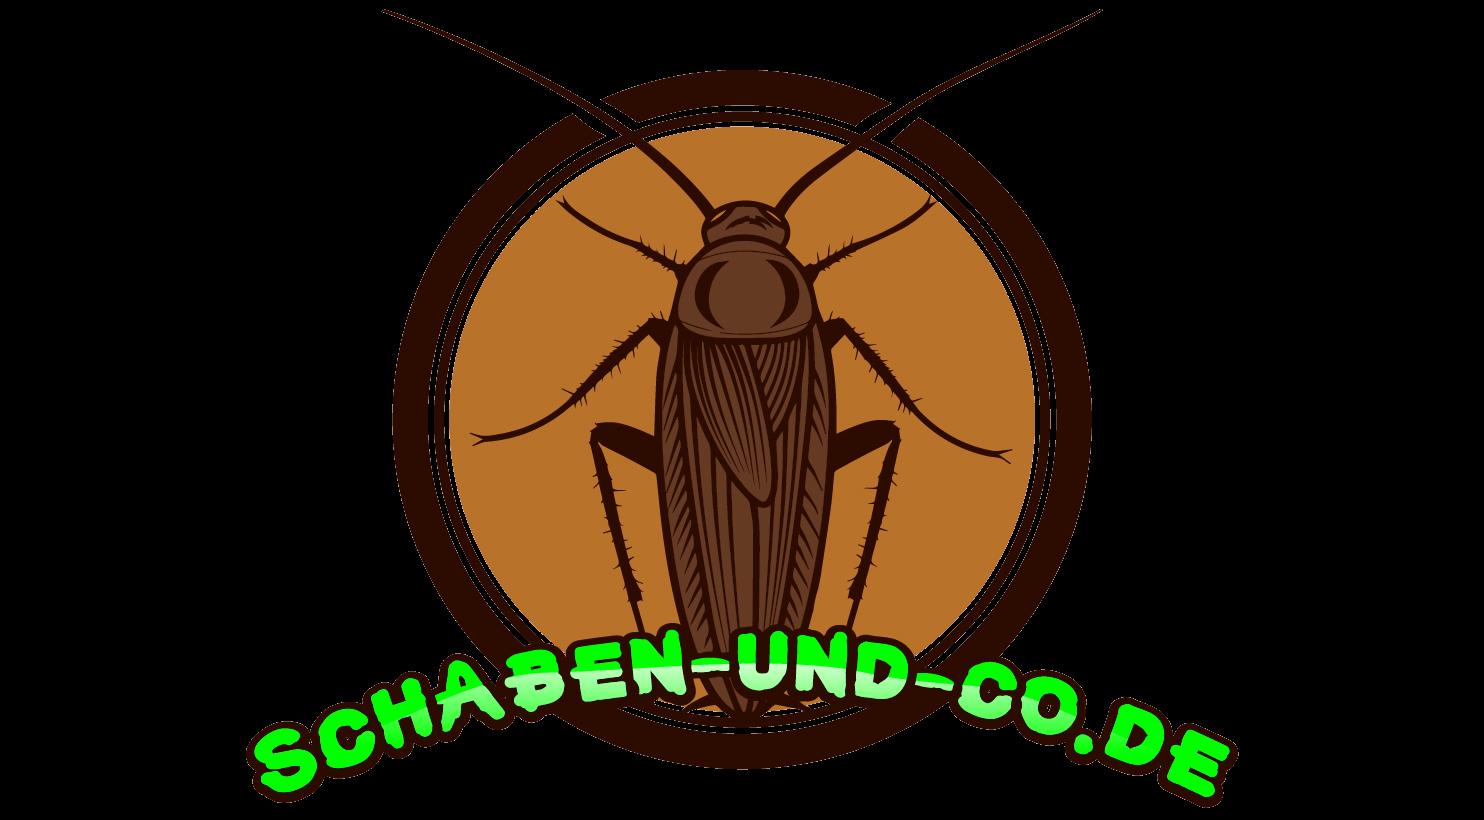 schaben-und-co.de